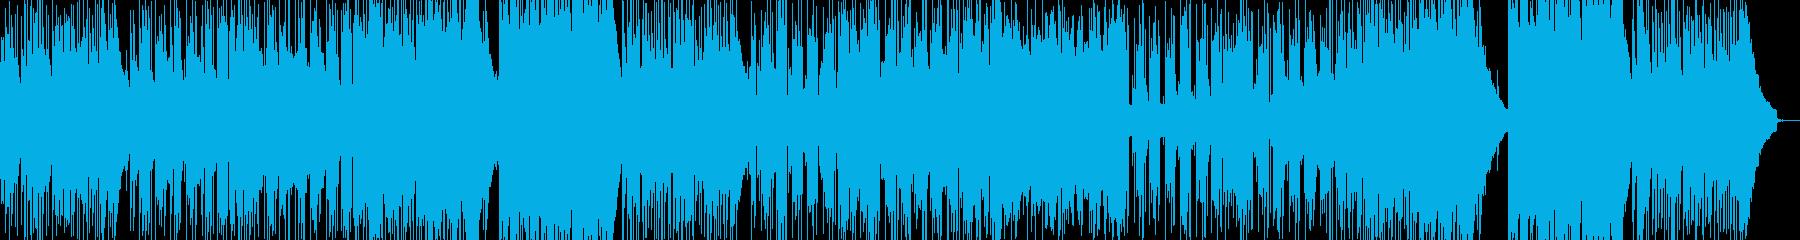 生サックス 落ち着いた雰囲気のバラードの再生済みの波形